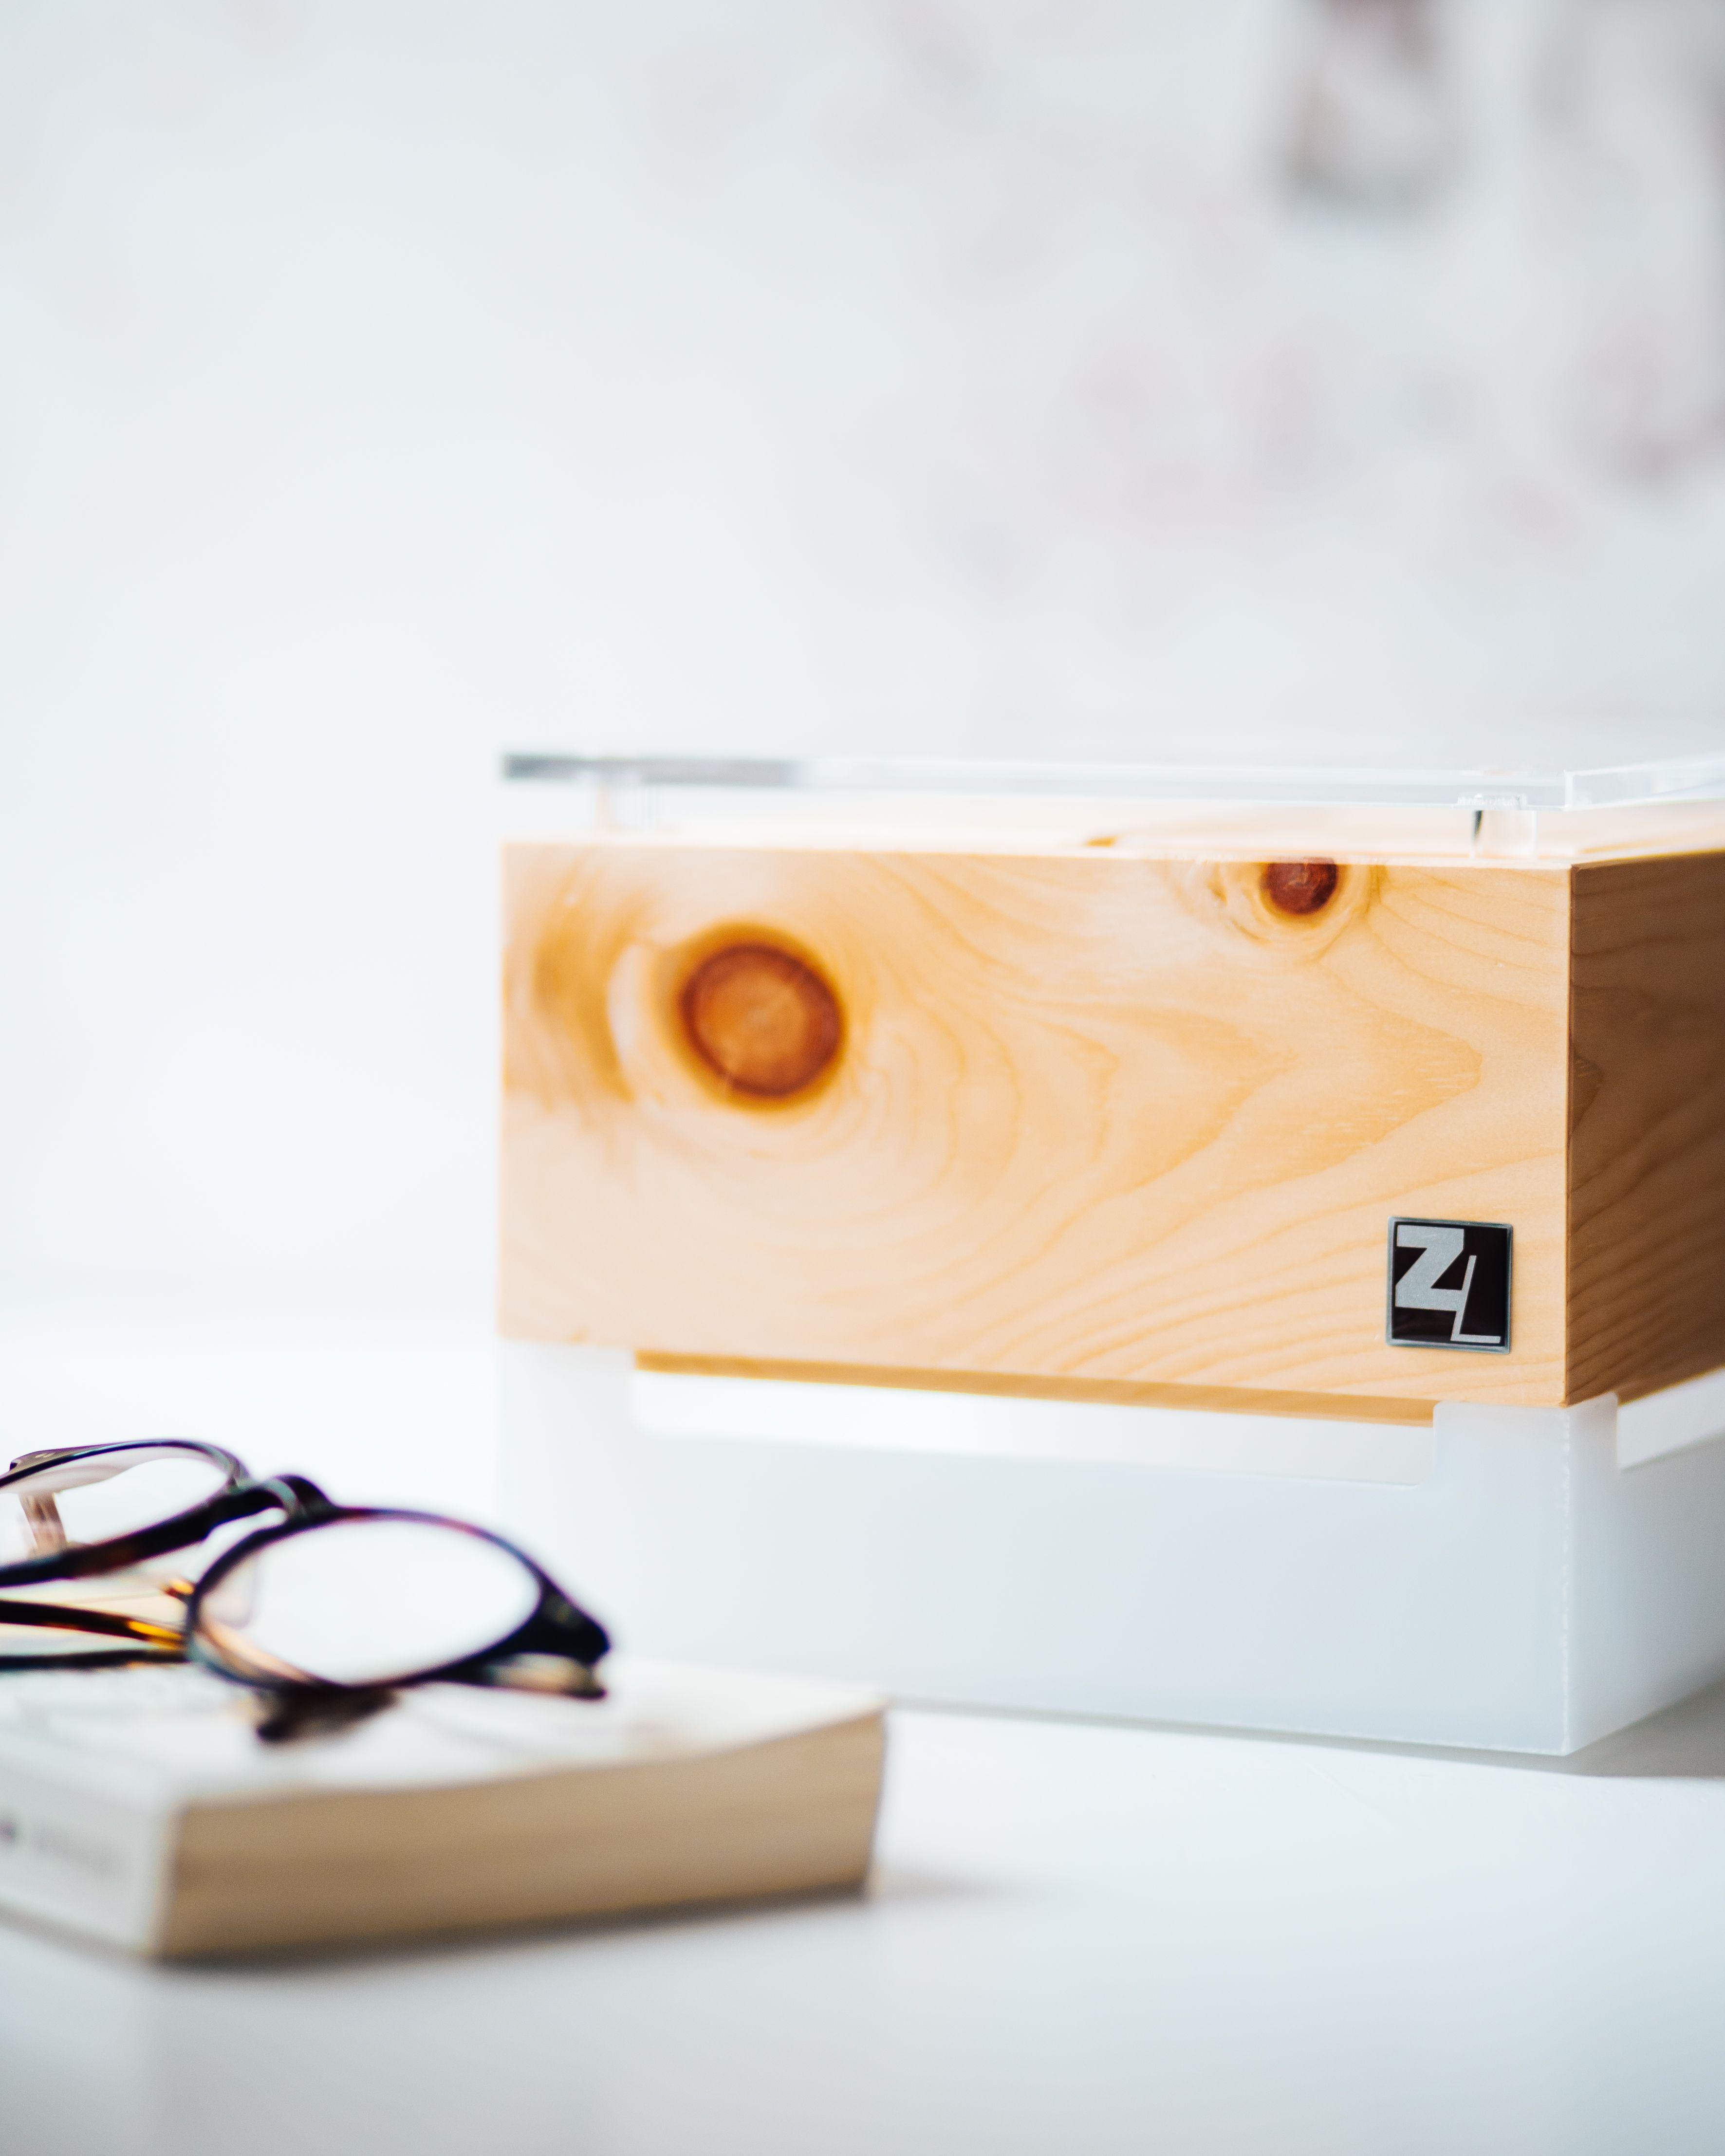 Zirbenlufter Cube Mini Wunderschones Raumklimagerat Aus Massivem Zirbenholz Luftbefeuchter Feiner Beruhigender Duft Der Z Luftreiniger Zirben Luftbefeuchter